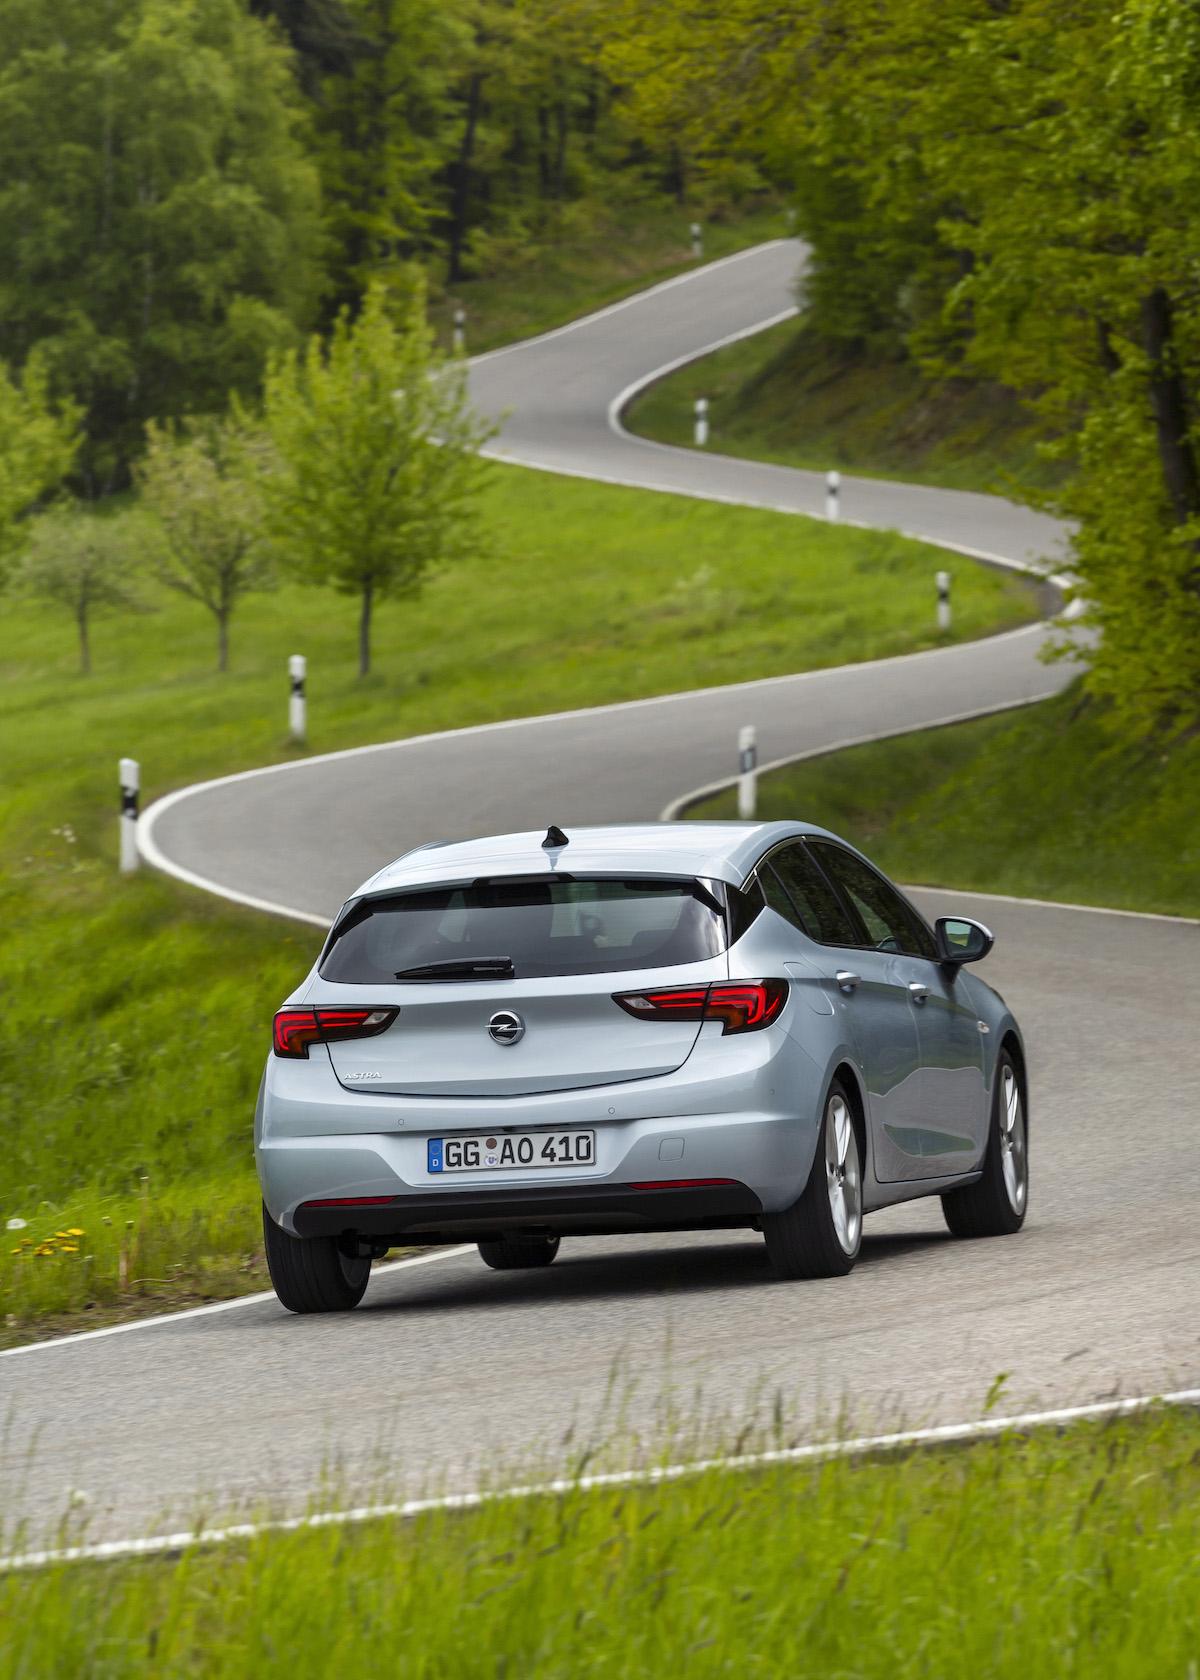 Opel-Astra-507805.jpg